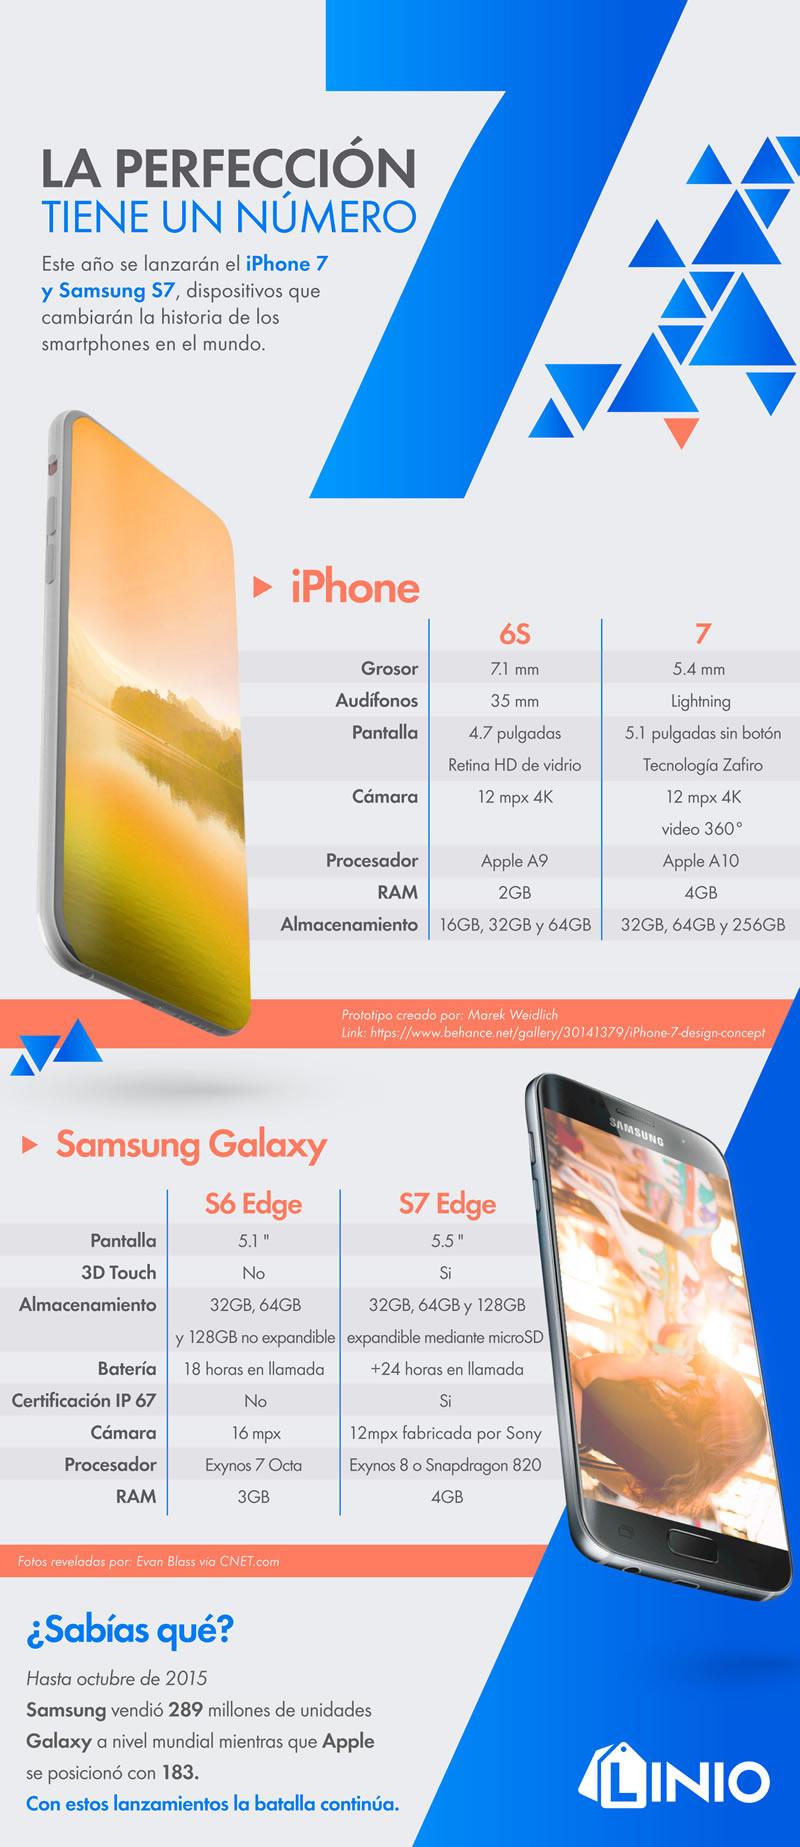 iPhone 7 y Galaxy S7, estos serían sus características según los rumores ¿Cuál prefieres? - iphone-7-y-galaxy-s7-caracteristicas